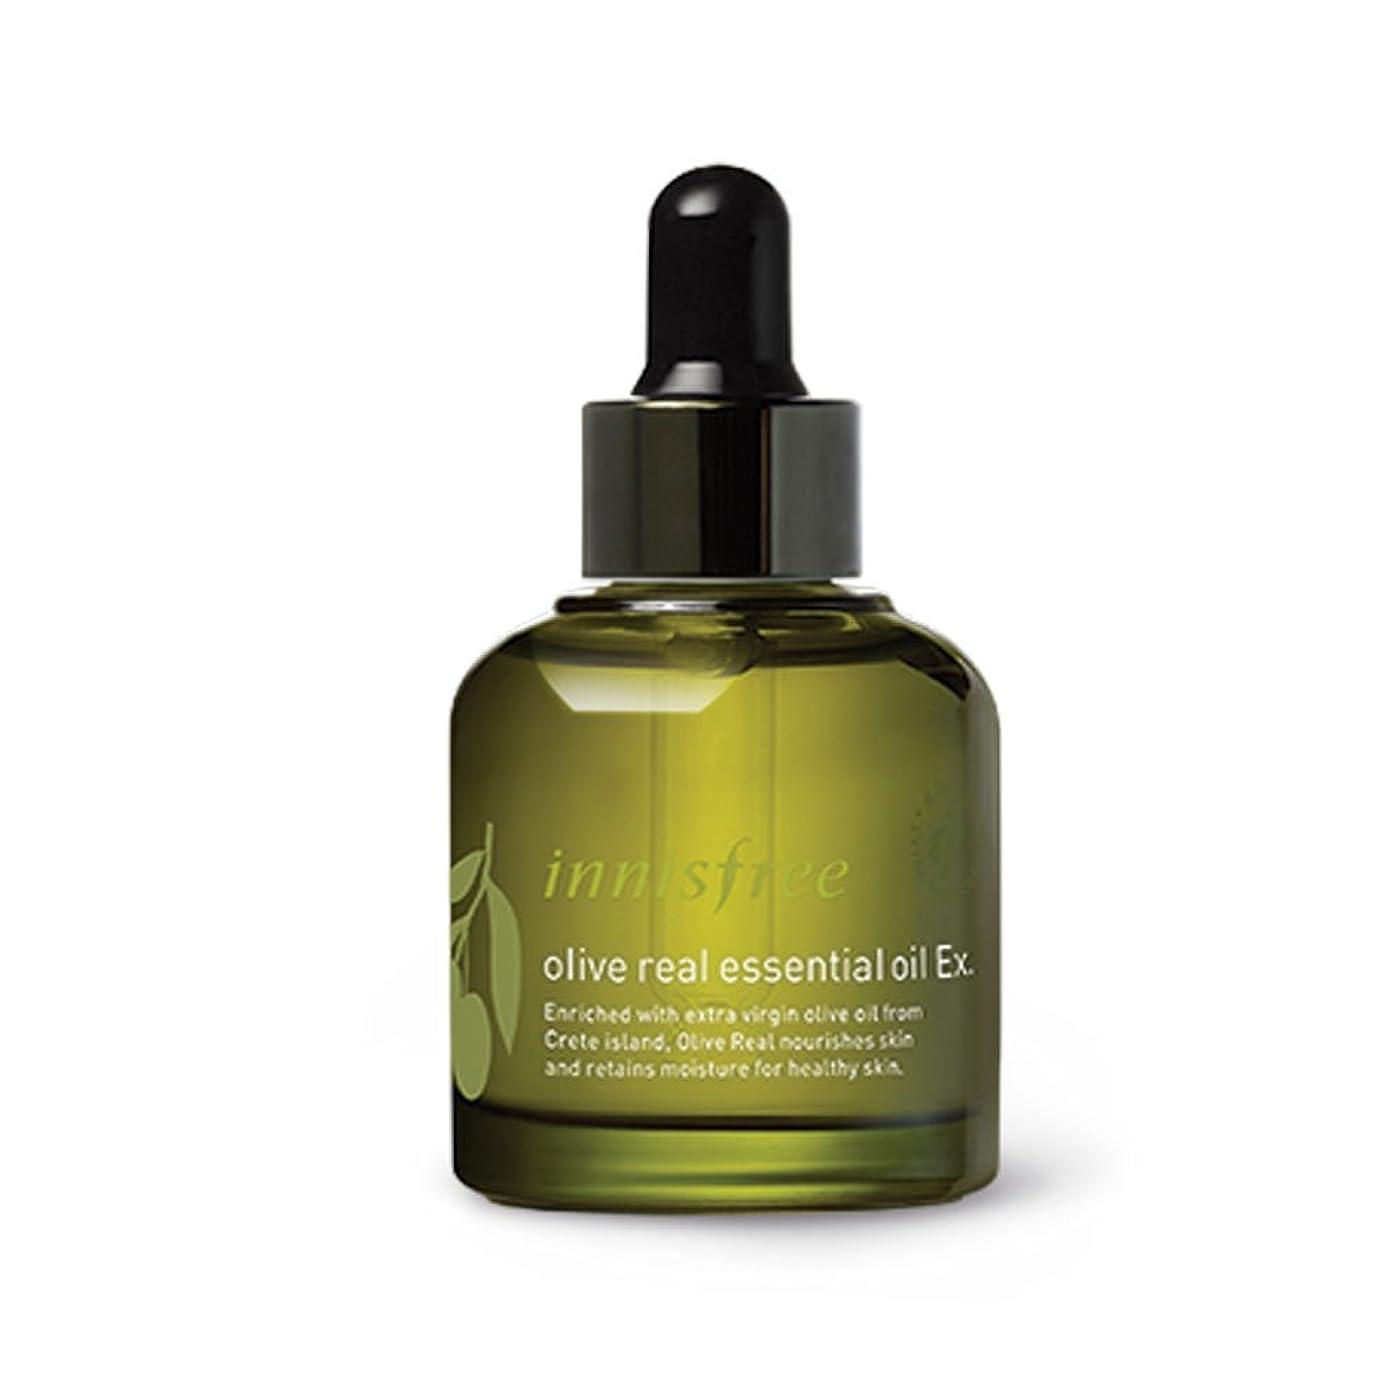 希少性気質残り物イニスフリーオリーブリアルエッセンシャルオイルEx 30ml Innisfree Olive Real Essential Oil Ex 30ml [海外直送品][並行輸入品]